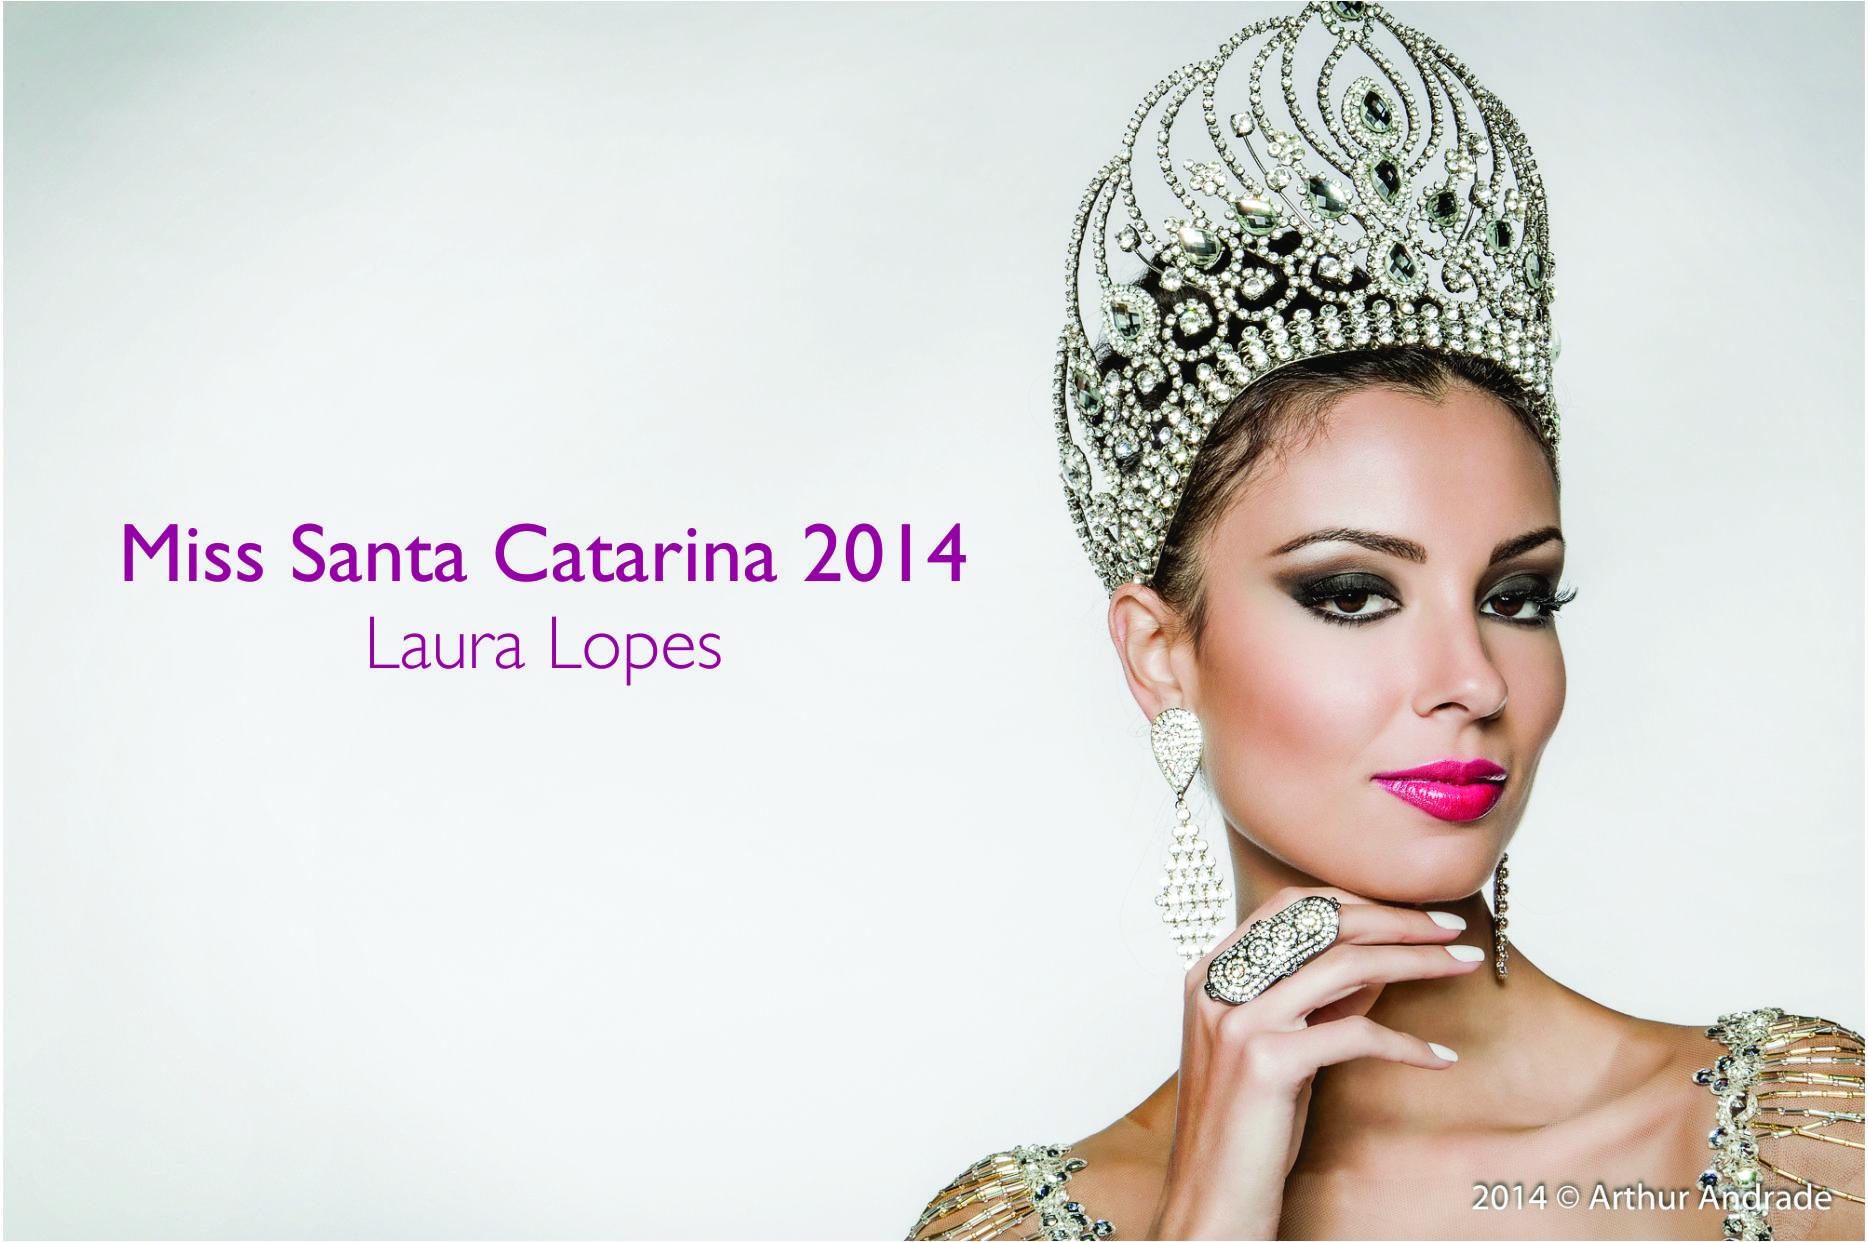 laura lopes, miss santa catarina 2014. - Página 2 Zjsfkl9e